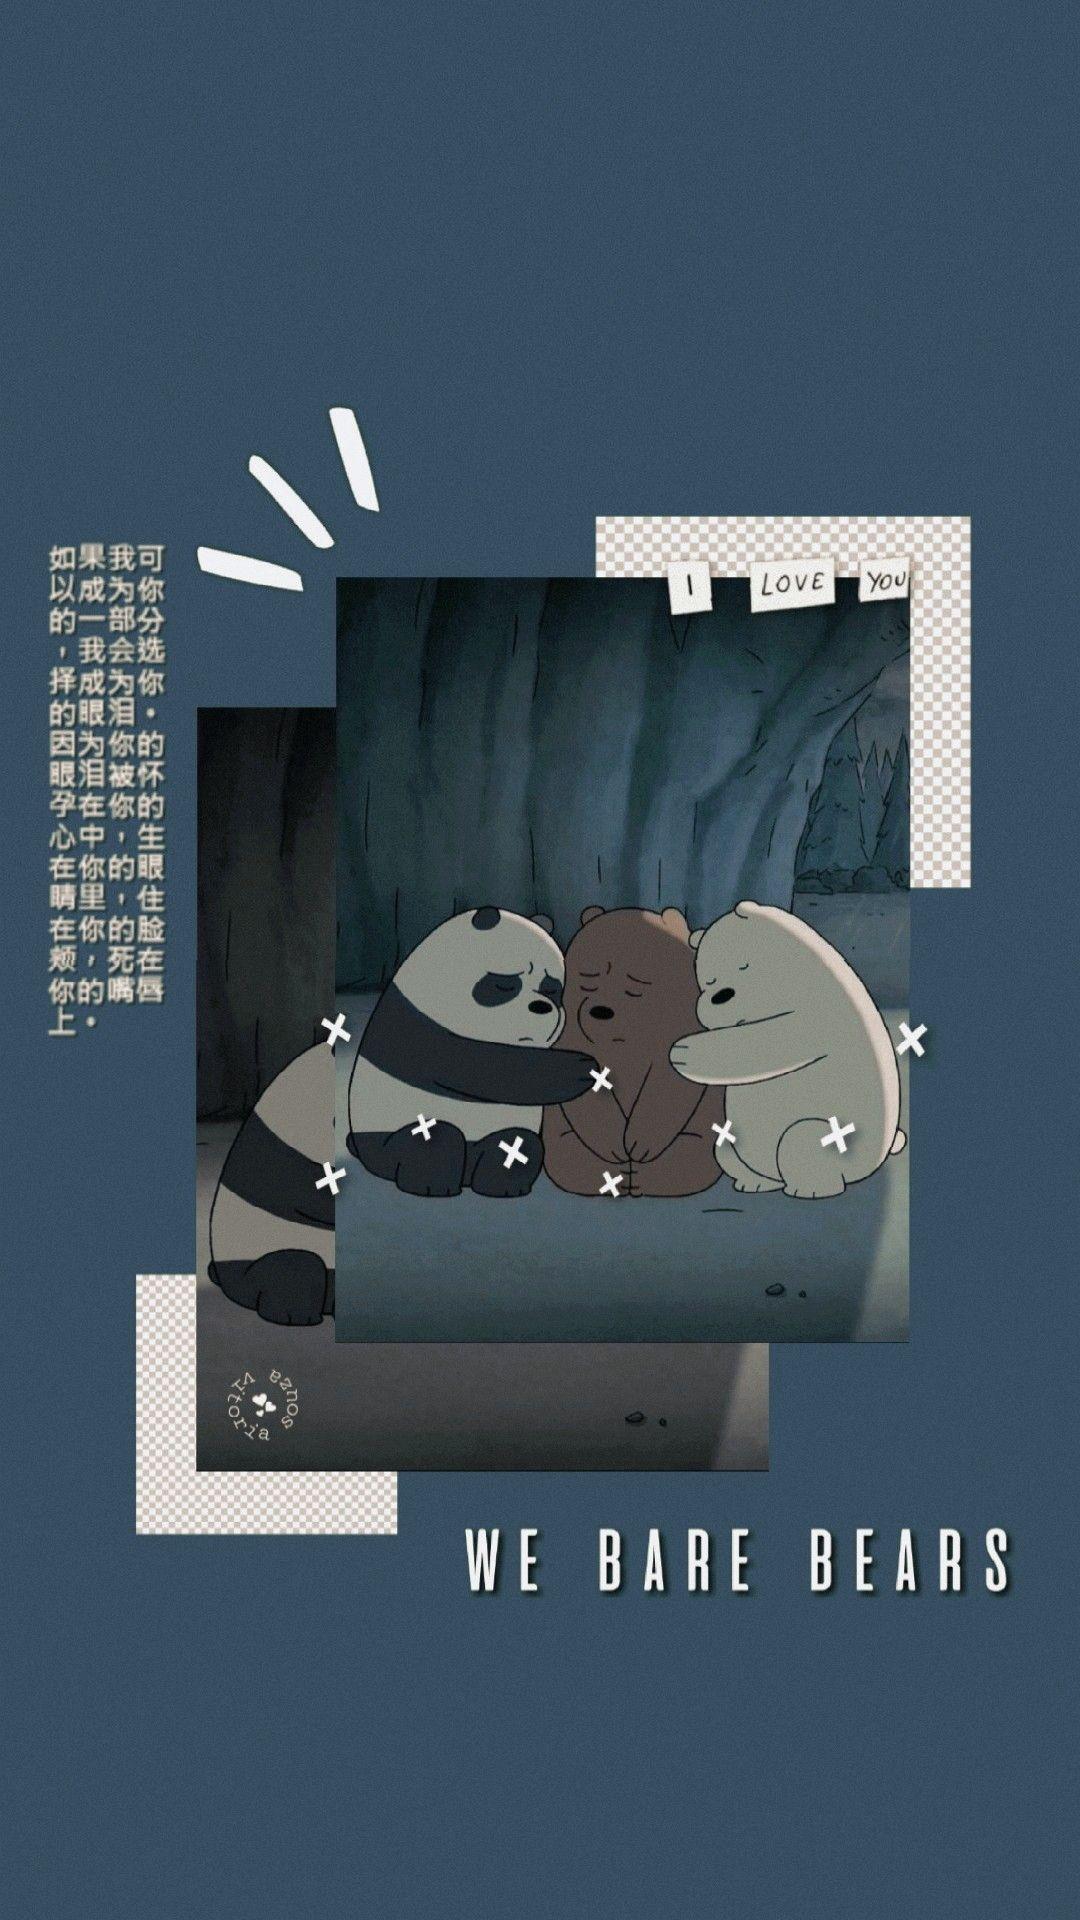 Wallpaper We Bare Bears Lockscreen Boneka Hewan Anak Binatang Ilustrasi Karakter